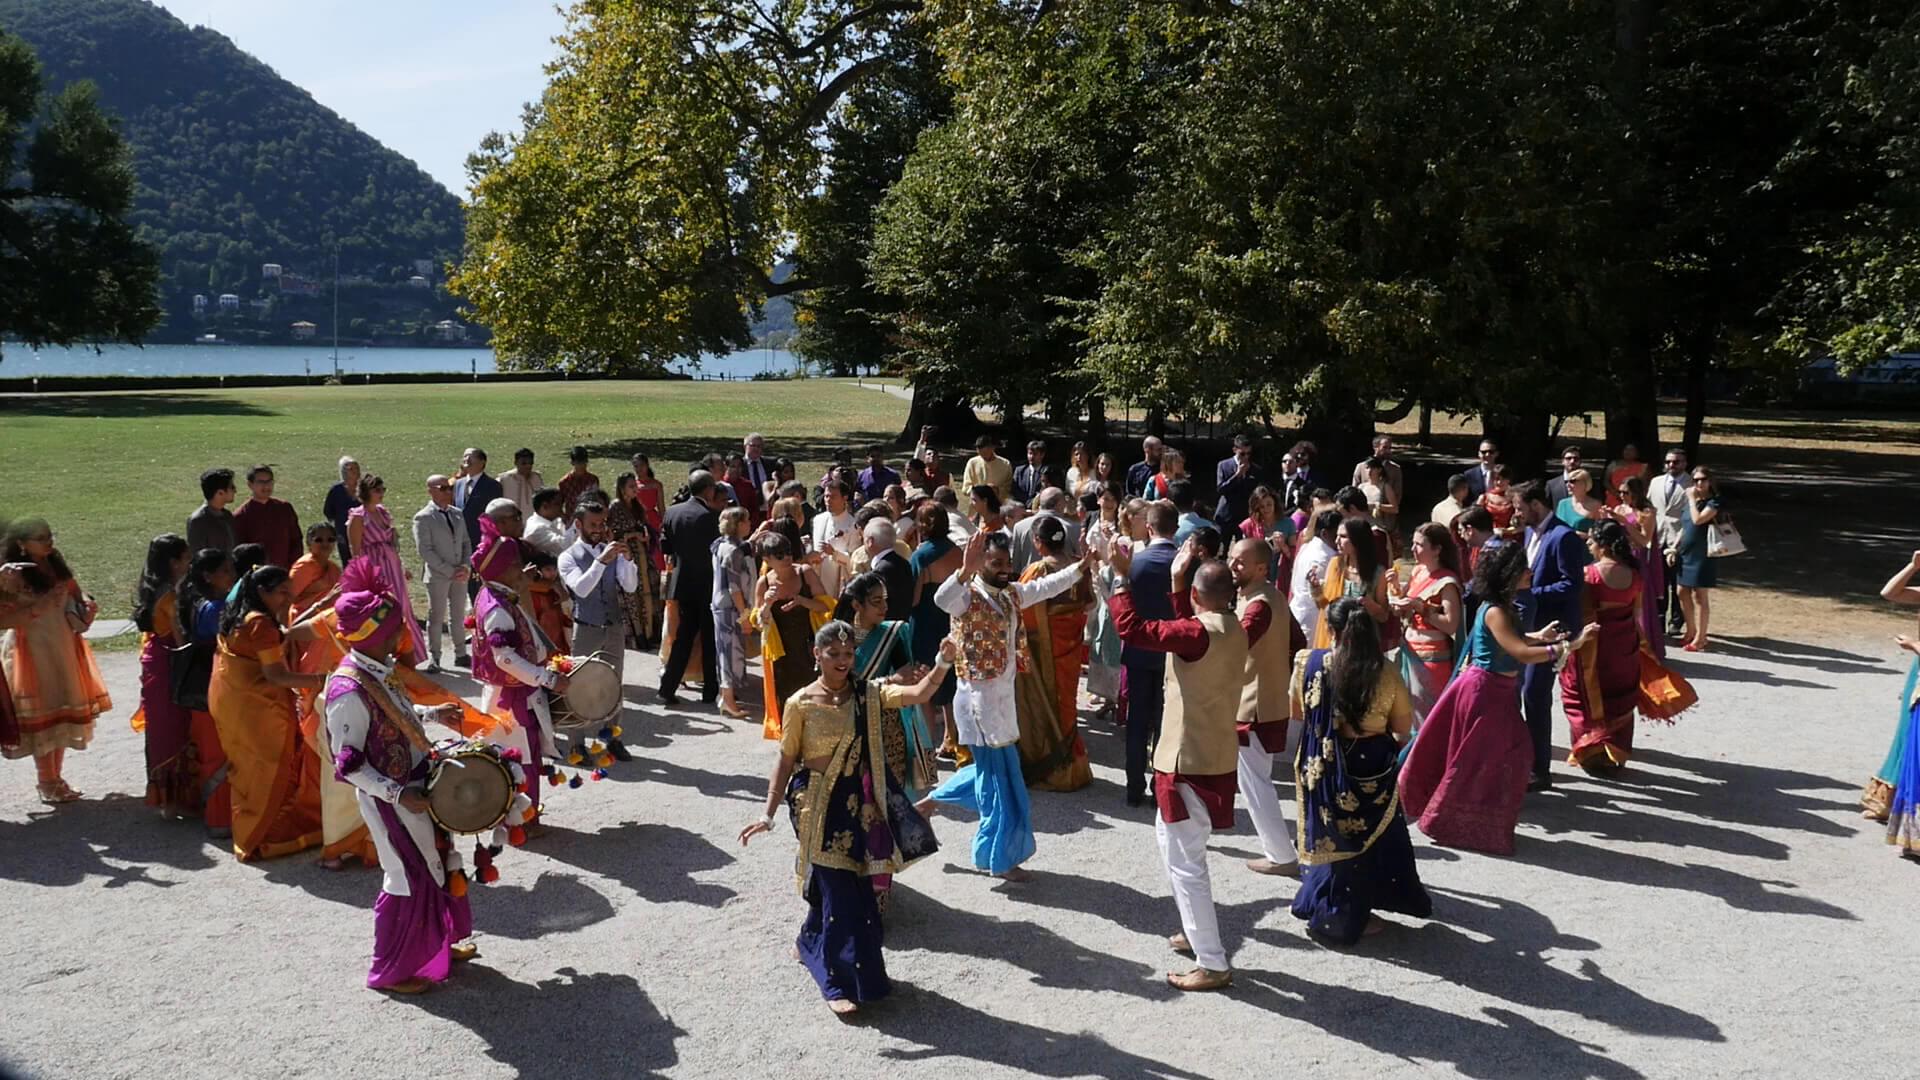 como-lake-indian-wedding-villa-erba.jpg